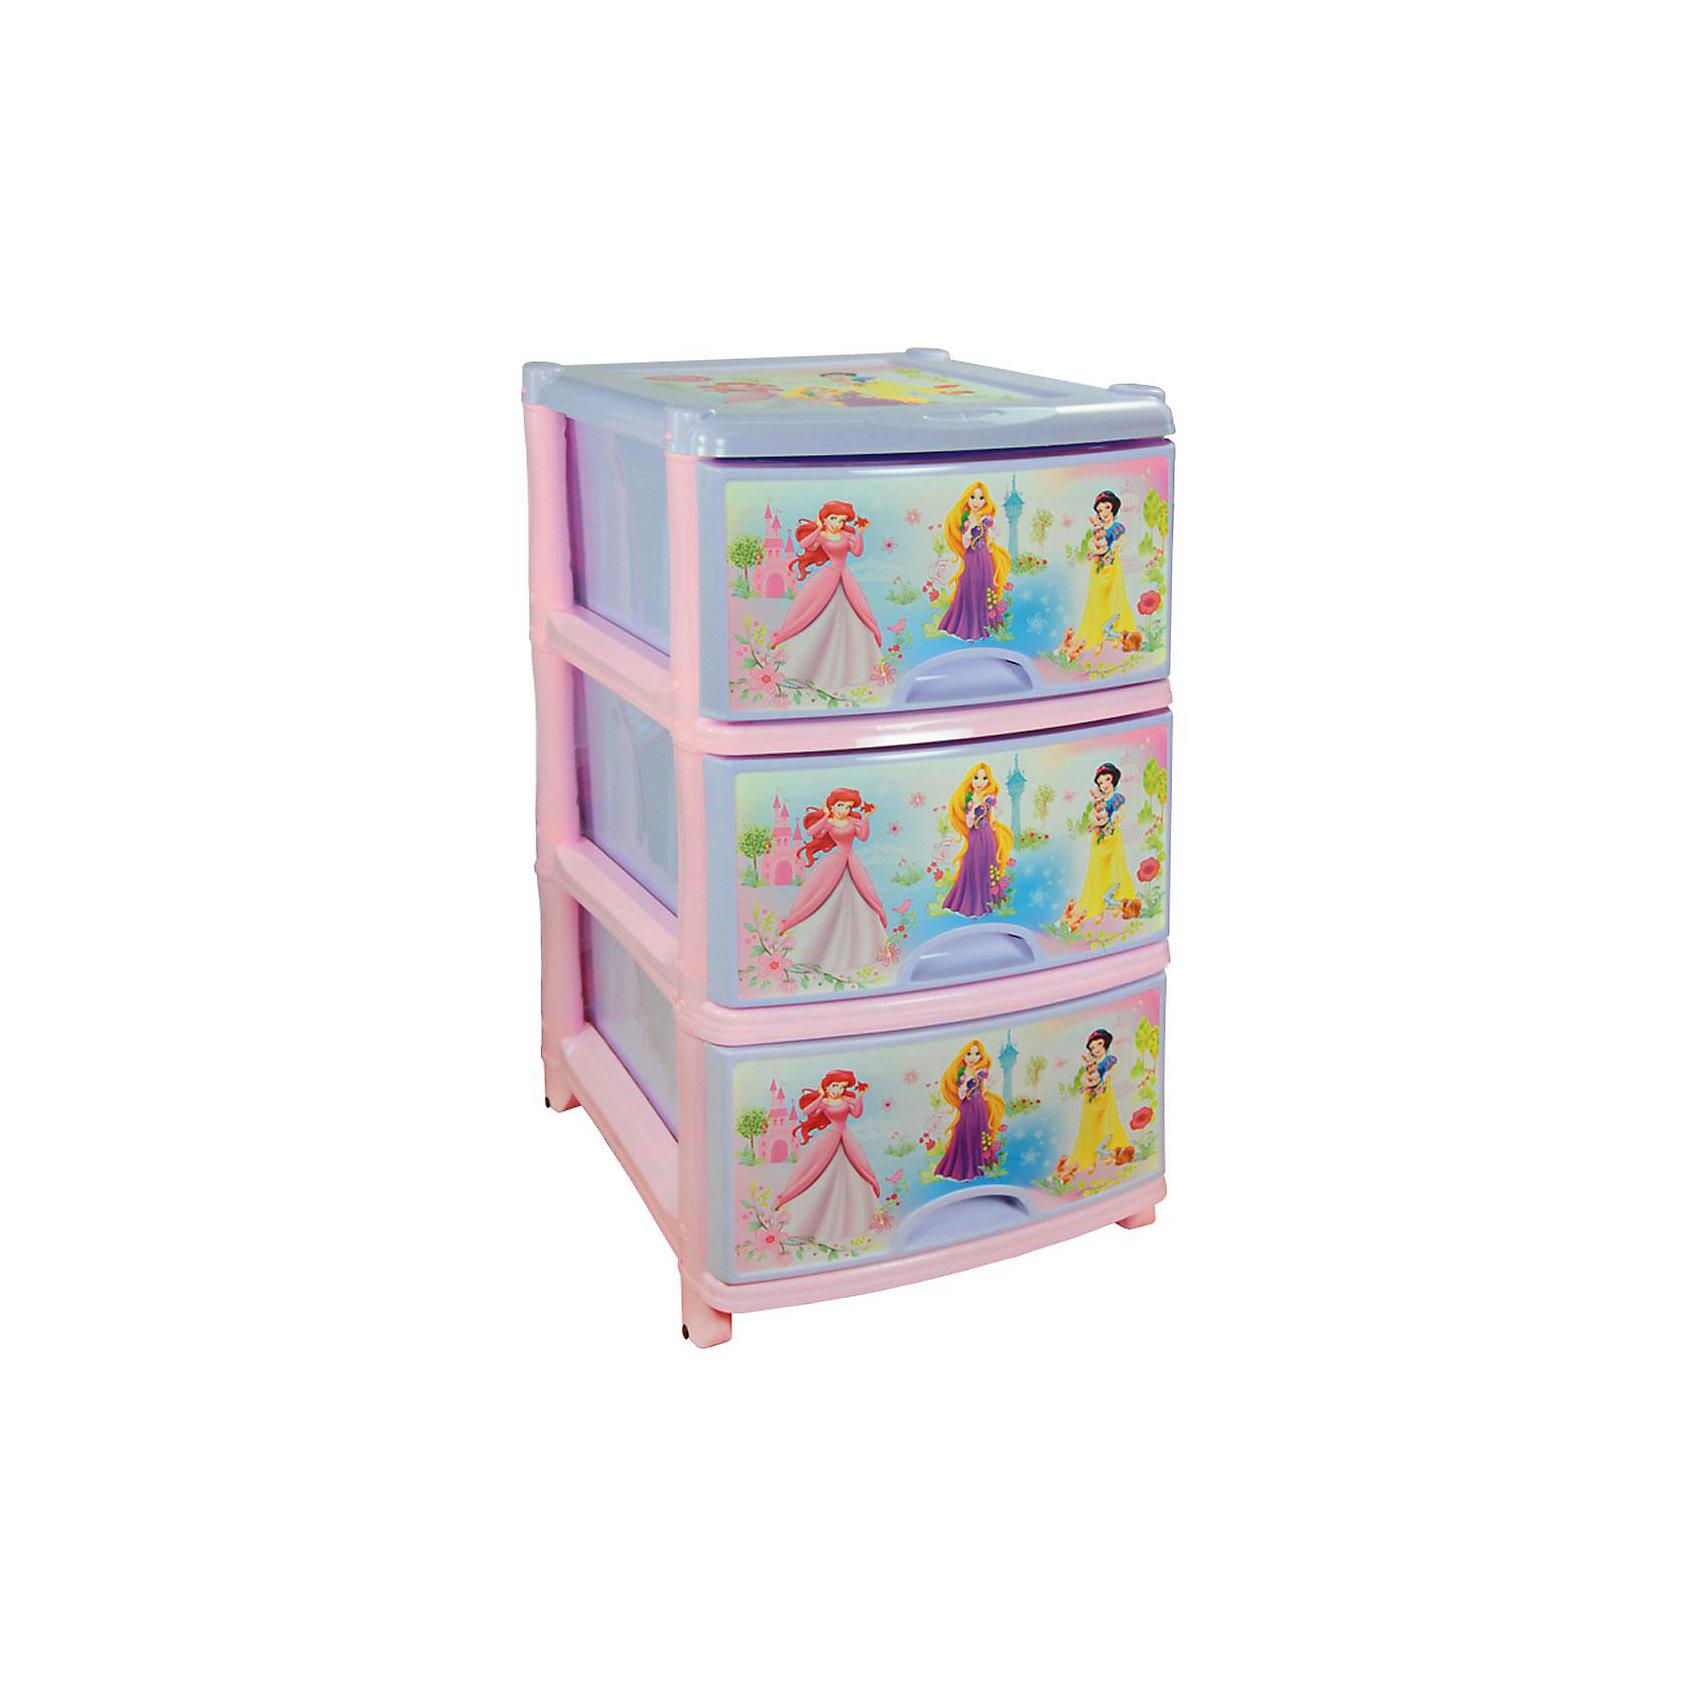 Комод Дисней №1 (для девоч.) 3-х секционный, AlternativaПорядок в детской<br>Характеристики:<br><br>• Предназначение: для хранения игрушек, одежды, канцелярских принадлежностей и материалов для творчества<br>• Пол: для девочки<br>• Материал: пластик<br>• Цвет: розовый, голубой, желтый, сиреневый<br>• Размер (Д*Ш*В):  48*38*74 см<br>• Вес: 4 кг 200 г<br>• Количество секций: 3 шт.<br>• Тип ящиков: выдвижные, с ручками<br>• В комплекте имеется инструкция по сборке<br>• Форма: прямоугольный<br>• Особенности ухода: разрешается мыть теплой водой<br><br>Комод Дисней №1 3-х секционный, Alternativa изготовлен отечественным производителем ООО ЗПИ Альтернатива, который специализируется на выпуске широкого спектра изделий и предметов мебели из пластика. Комод выполнен из экологически безопасного материала, устойчивого к механическим повреждениям. Имеет компактный размер и повышенную вместимость за счет глубоких ящиков. Каркас комода устойчивый, ножки оснащены маленькими колесиками для удобства передвижения. Ящики оформлены в ярких орнаментах, устойчивых к выгоранию на ярком свете. Комод Дисней №1 3-х секционный, Alternativa станет не только полезным для хранения игрушек, одежды и различных принадлежностей, но и ярким предметом интерьера. <br><br>Комод Дисней №1 3-х секционный, Alternativa можно купить в нашем интернет-магазине.<br><br>Ширина мм: 480<br>Глубина мм: 360<br>Высота мм: 740<br>Вес г: 3444<br>Возраст от месяцев: -2147483648<br>Возраст до месяцев: 2147483647<br>Пол: Женский<br>Возраст: Детский<br>SKU: 5096520